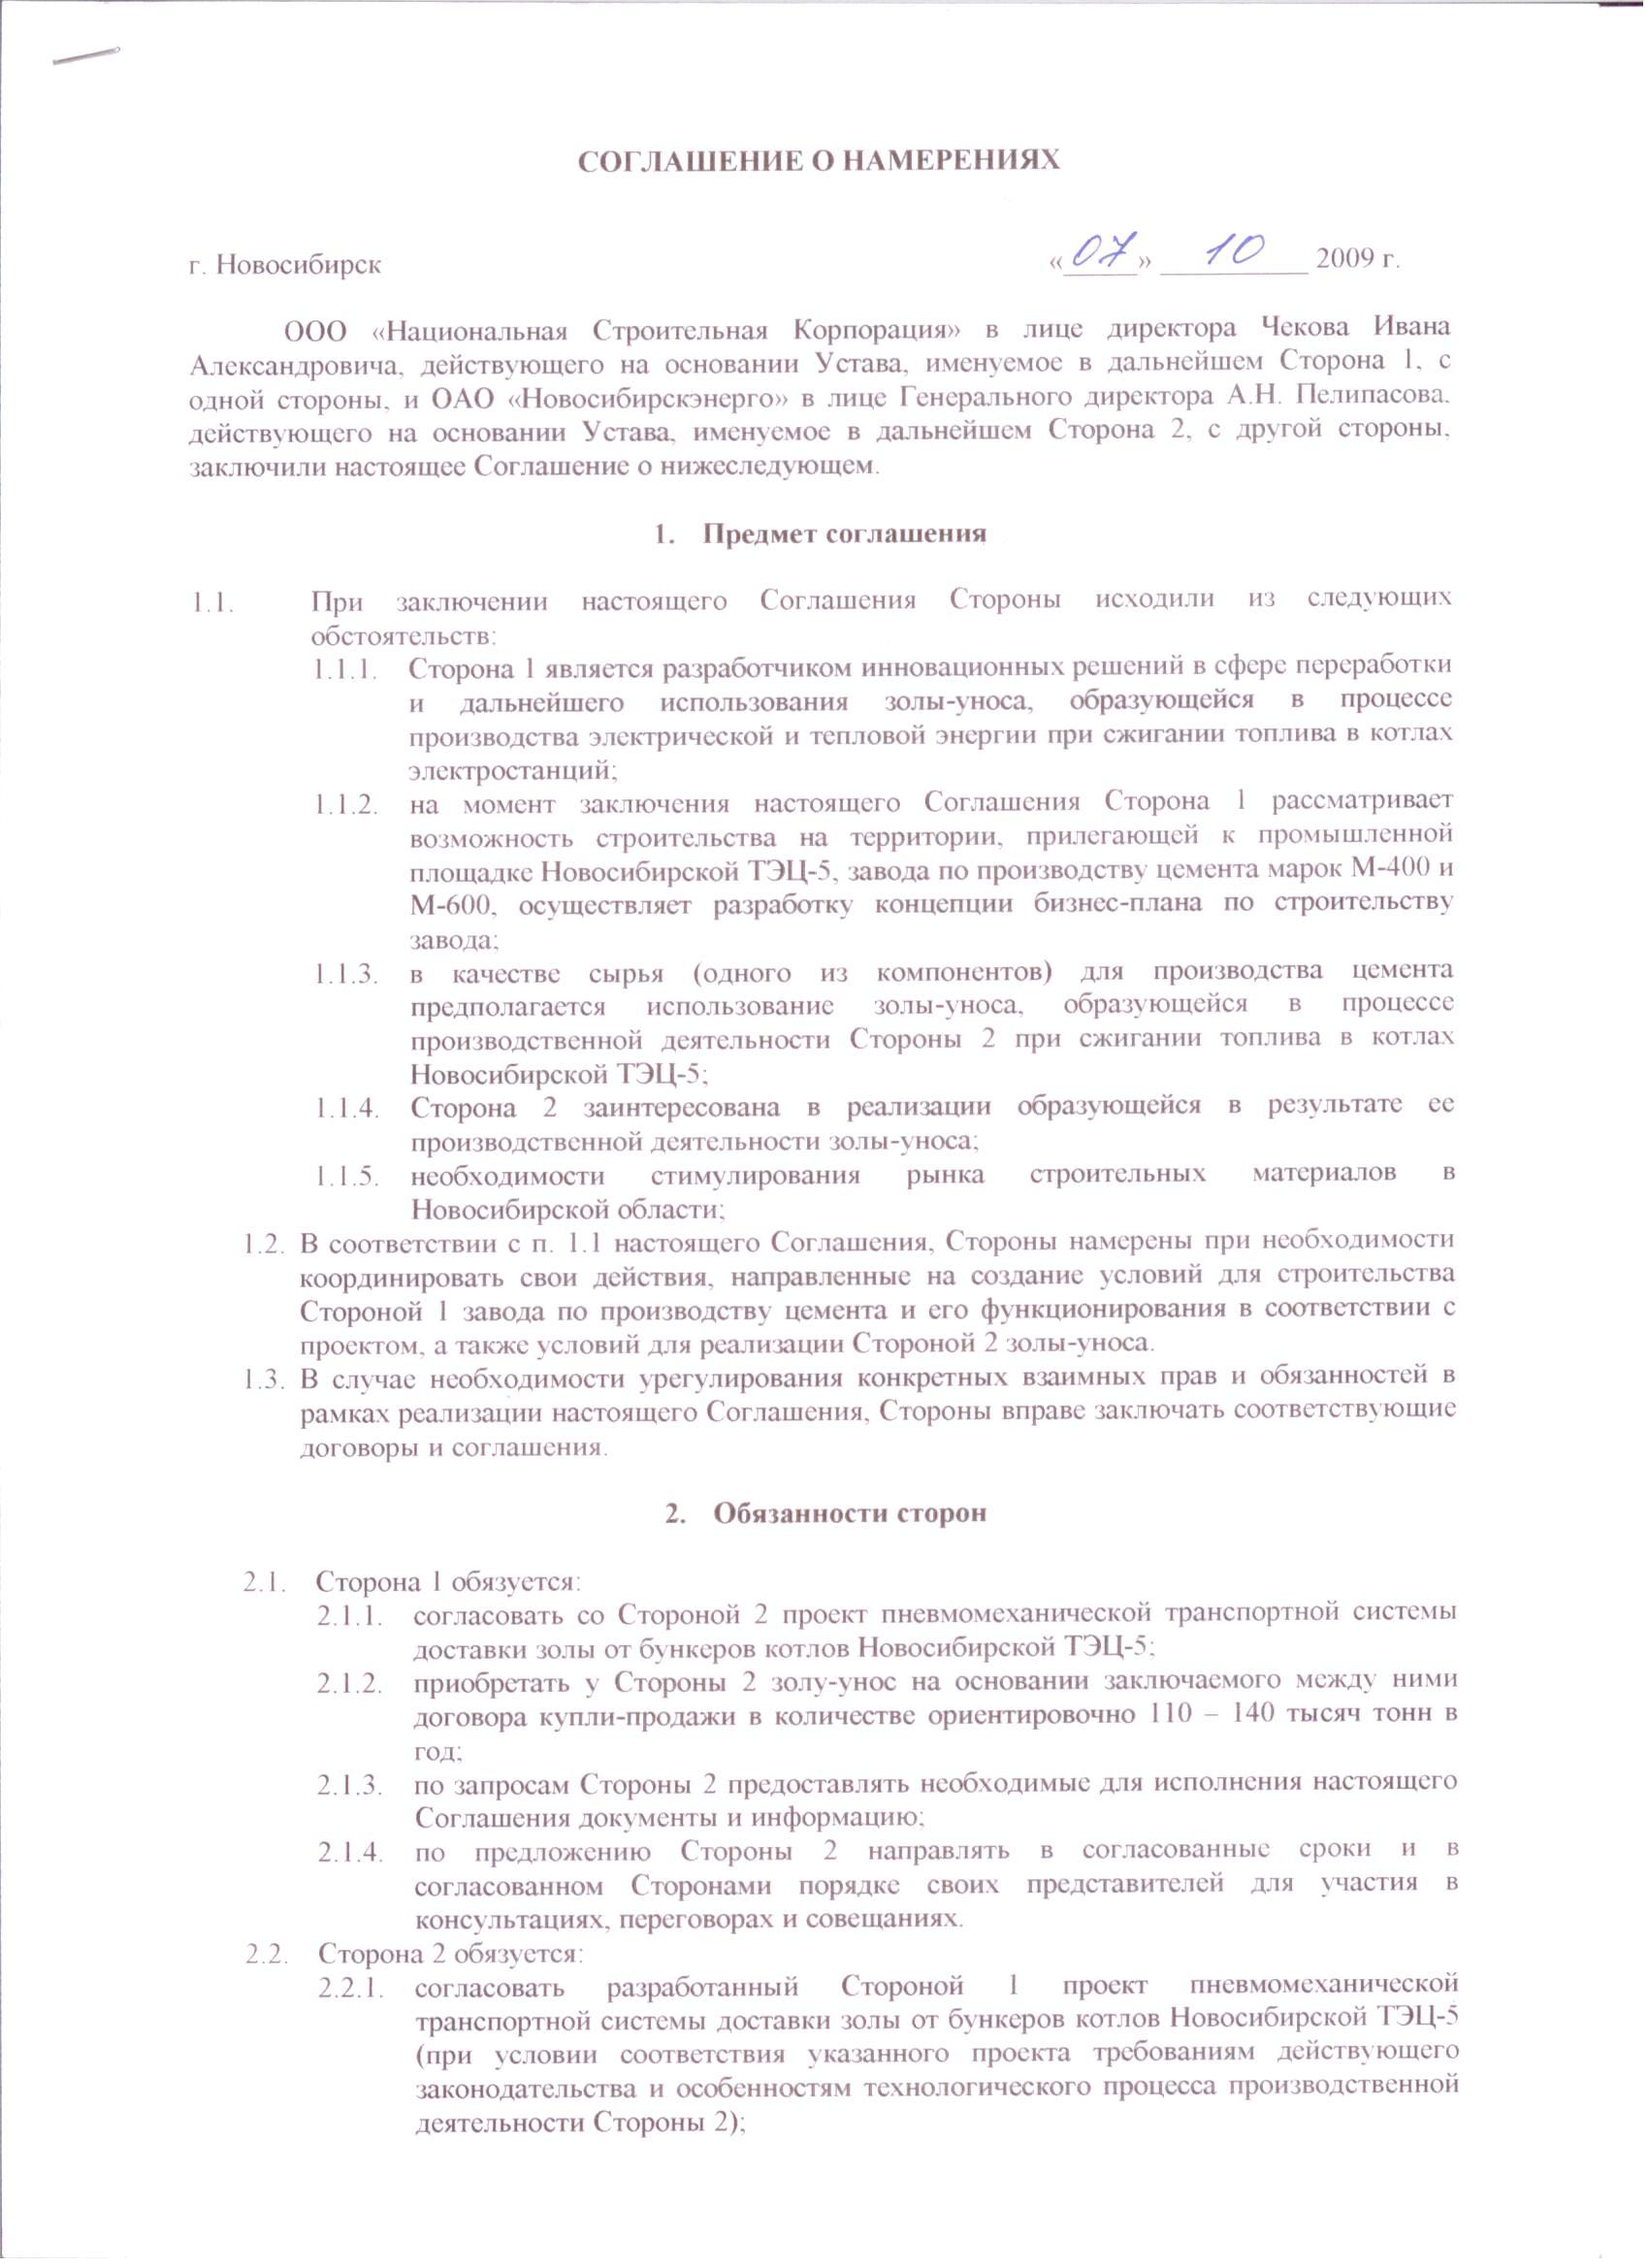 Соглашение о намерениях для участия в конкурсе